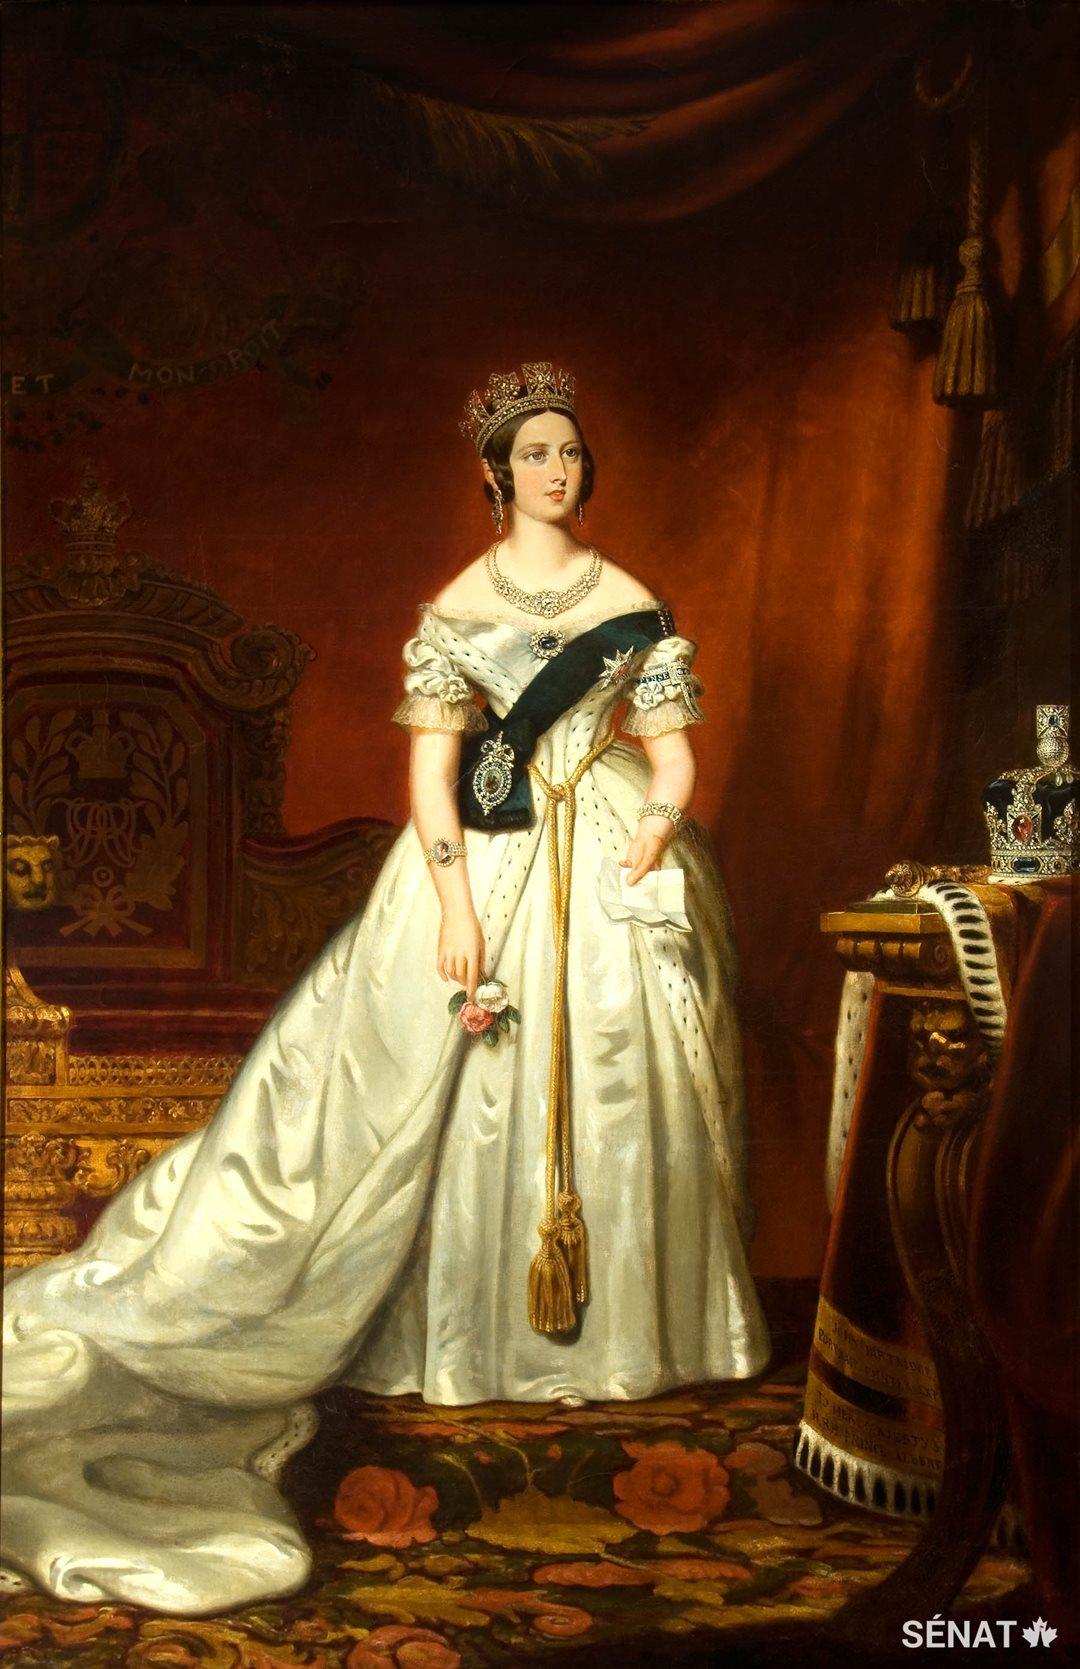 Ce portrait de la reine Victoria, peint par l'artiste britannique John Partridge en 1842 et arrivé au Canada en 1847, est sans doute l'œuvre d'art la plus connue parmi celles exposées au Sénat.